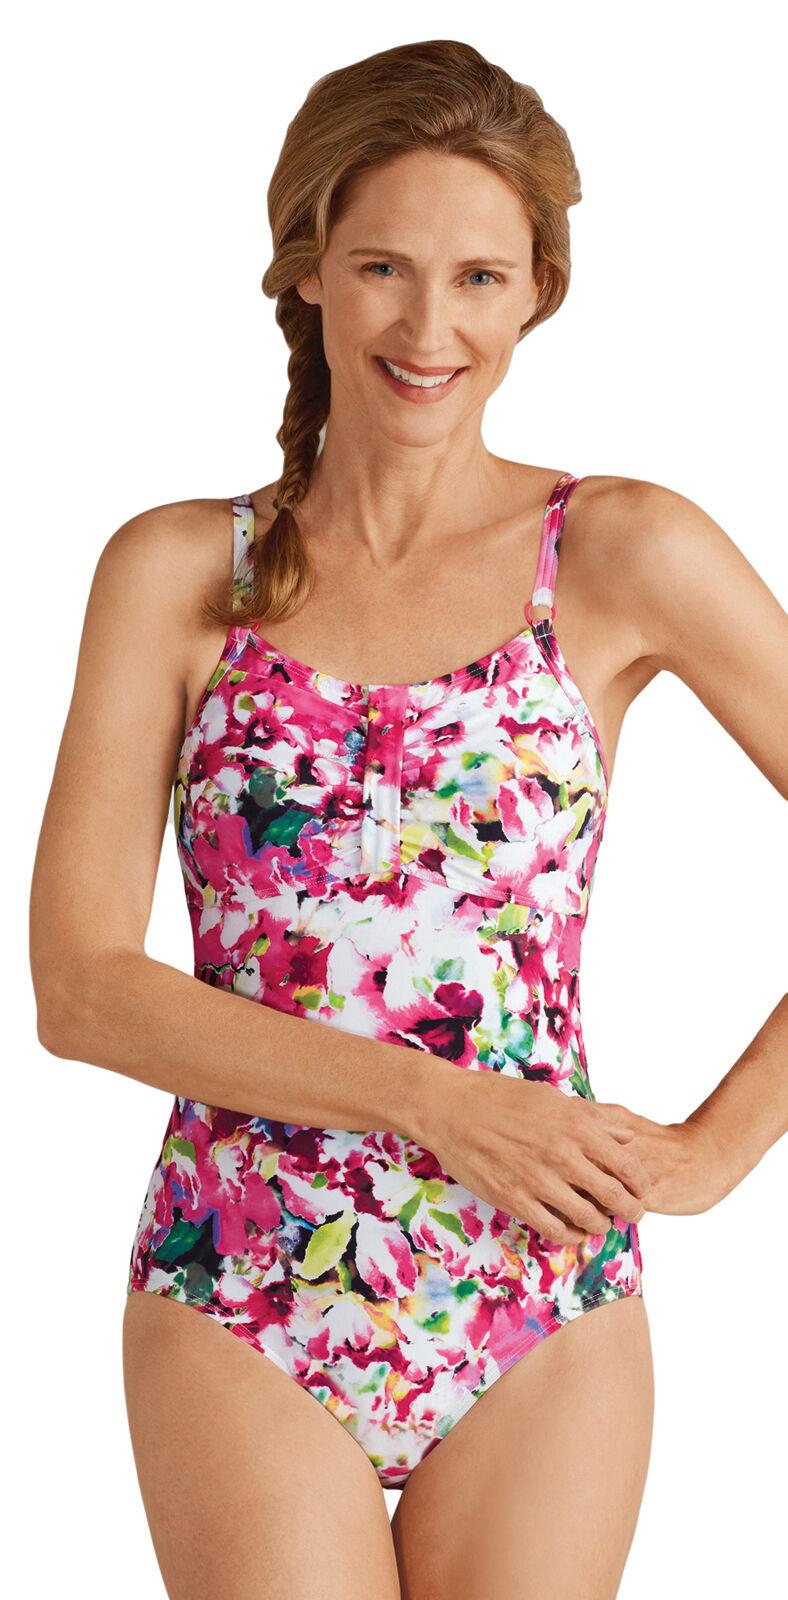 Amoena art 71058 Costume intero per protesi mammaria mastectomia